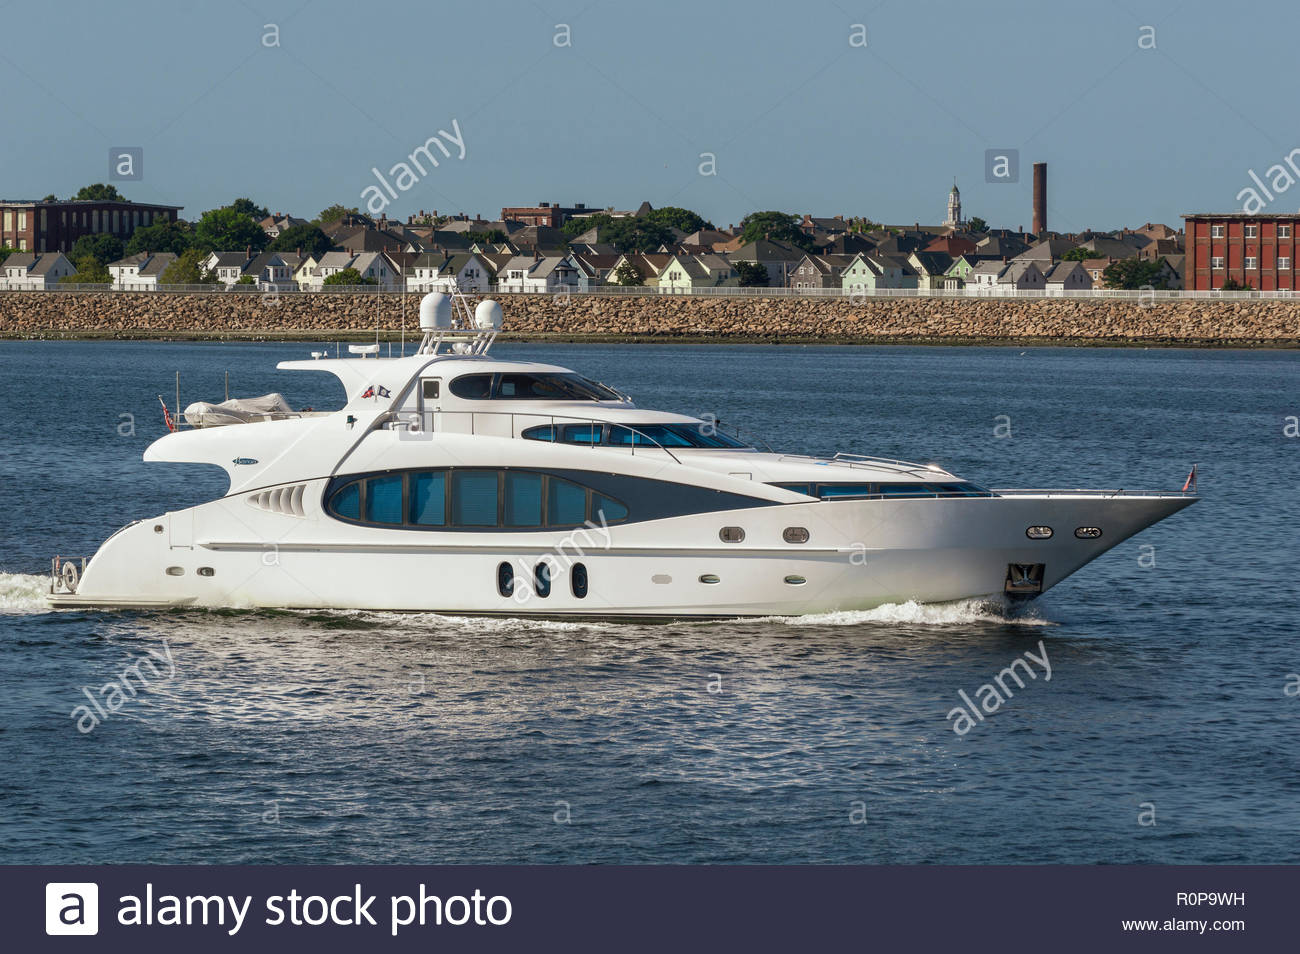 295088af Fairhaven, Massachusetts, USA - September 5, 2018: Sleek German-built yacht